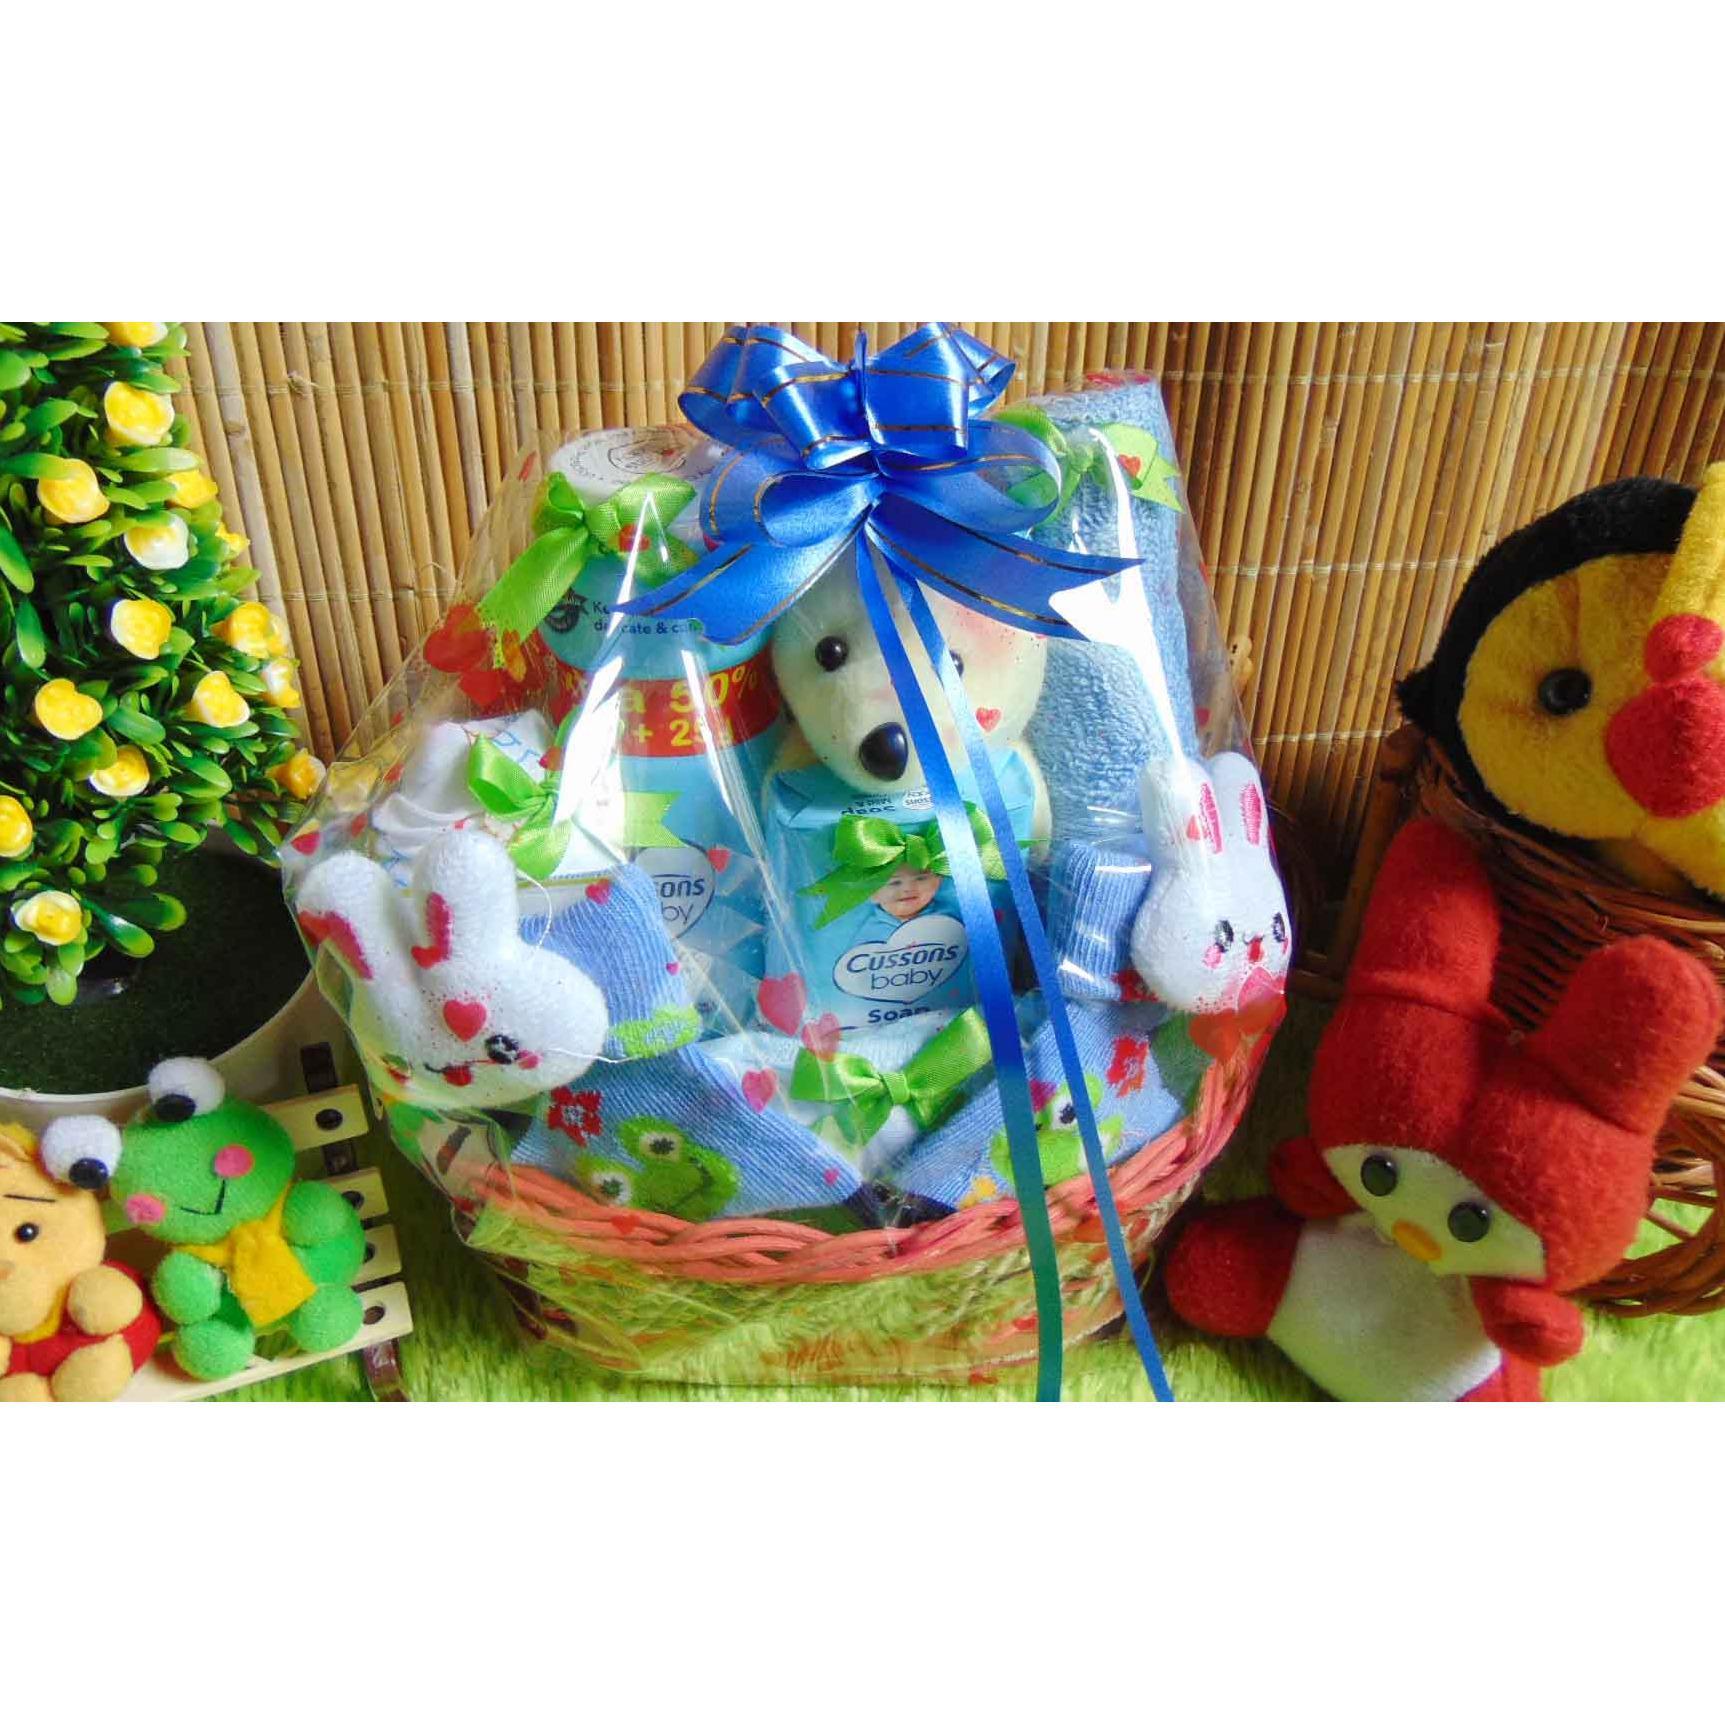 paket kado bayi baby gift – kado melahirkan-parcel kado bayi – parsel bayi – keranjang rotan cute oval komplit ANEKA WARNA